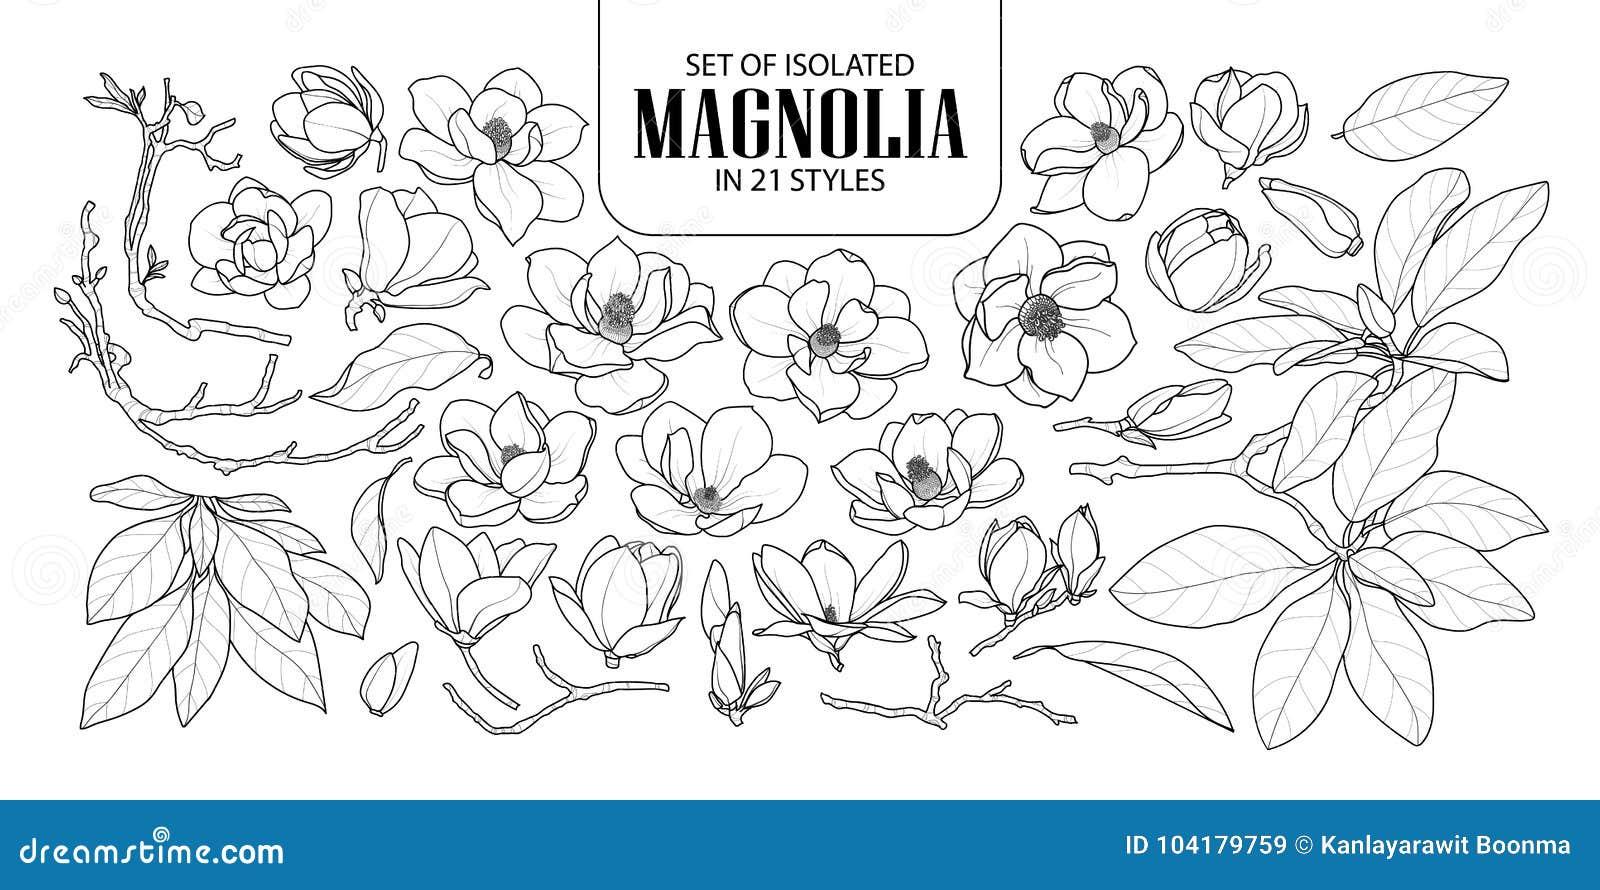 Uppsättning av den isolerade magnolian i 21 stilar Gullig hand dragen blommavektorillustration i svart vit nivå för översikt och